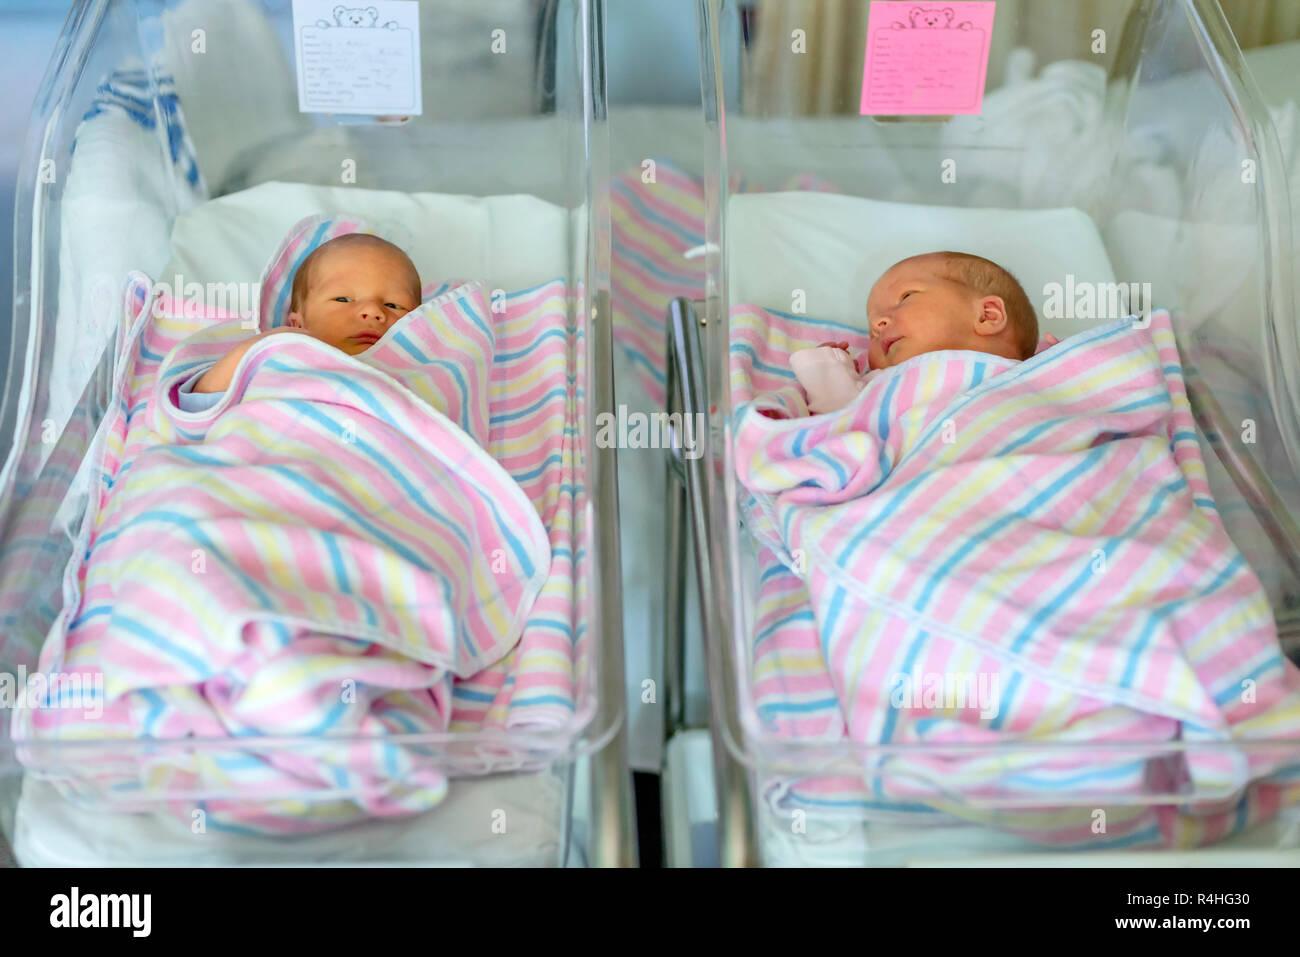 newborn twins boy and girl in hospital under blankets ...Newborn Baby Boy In Hospital Nursery